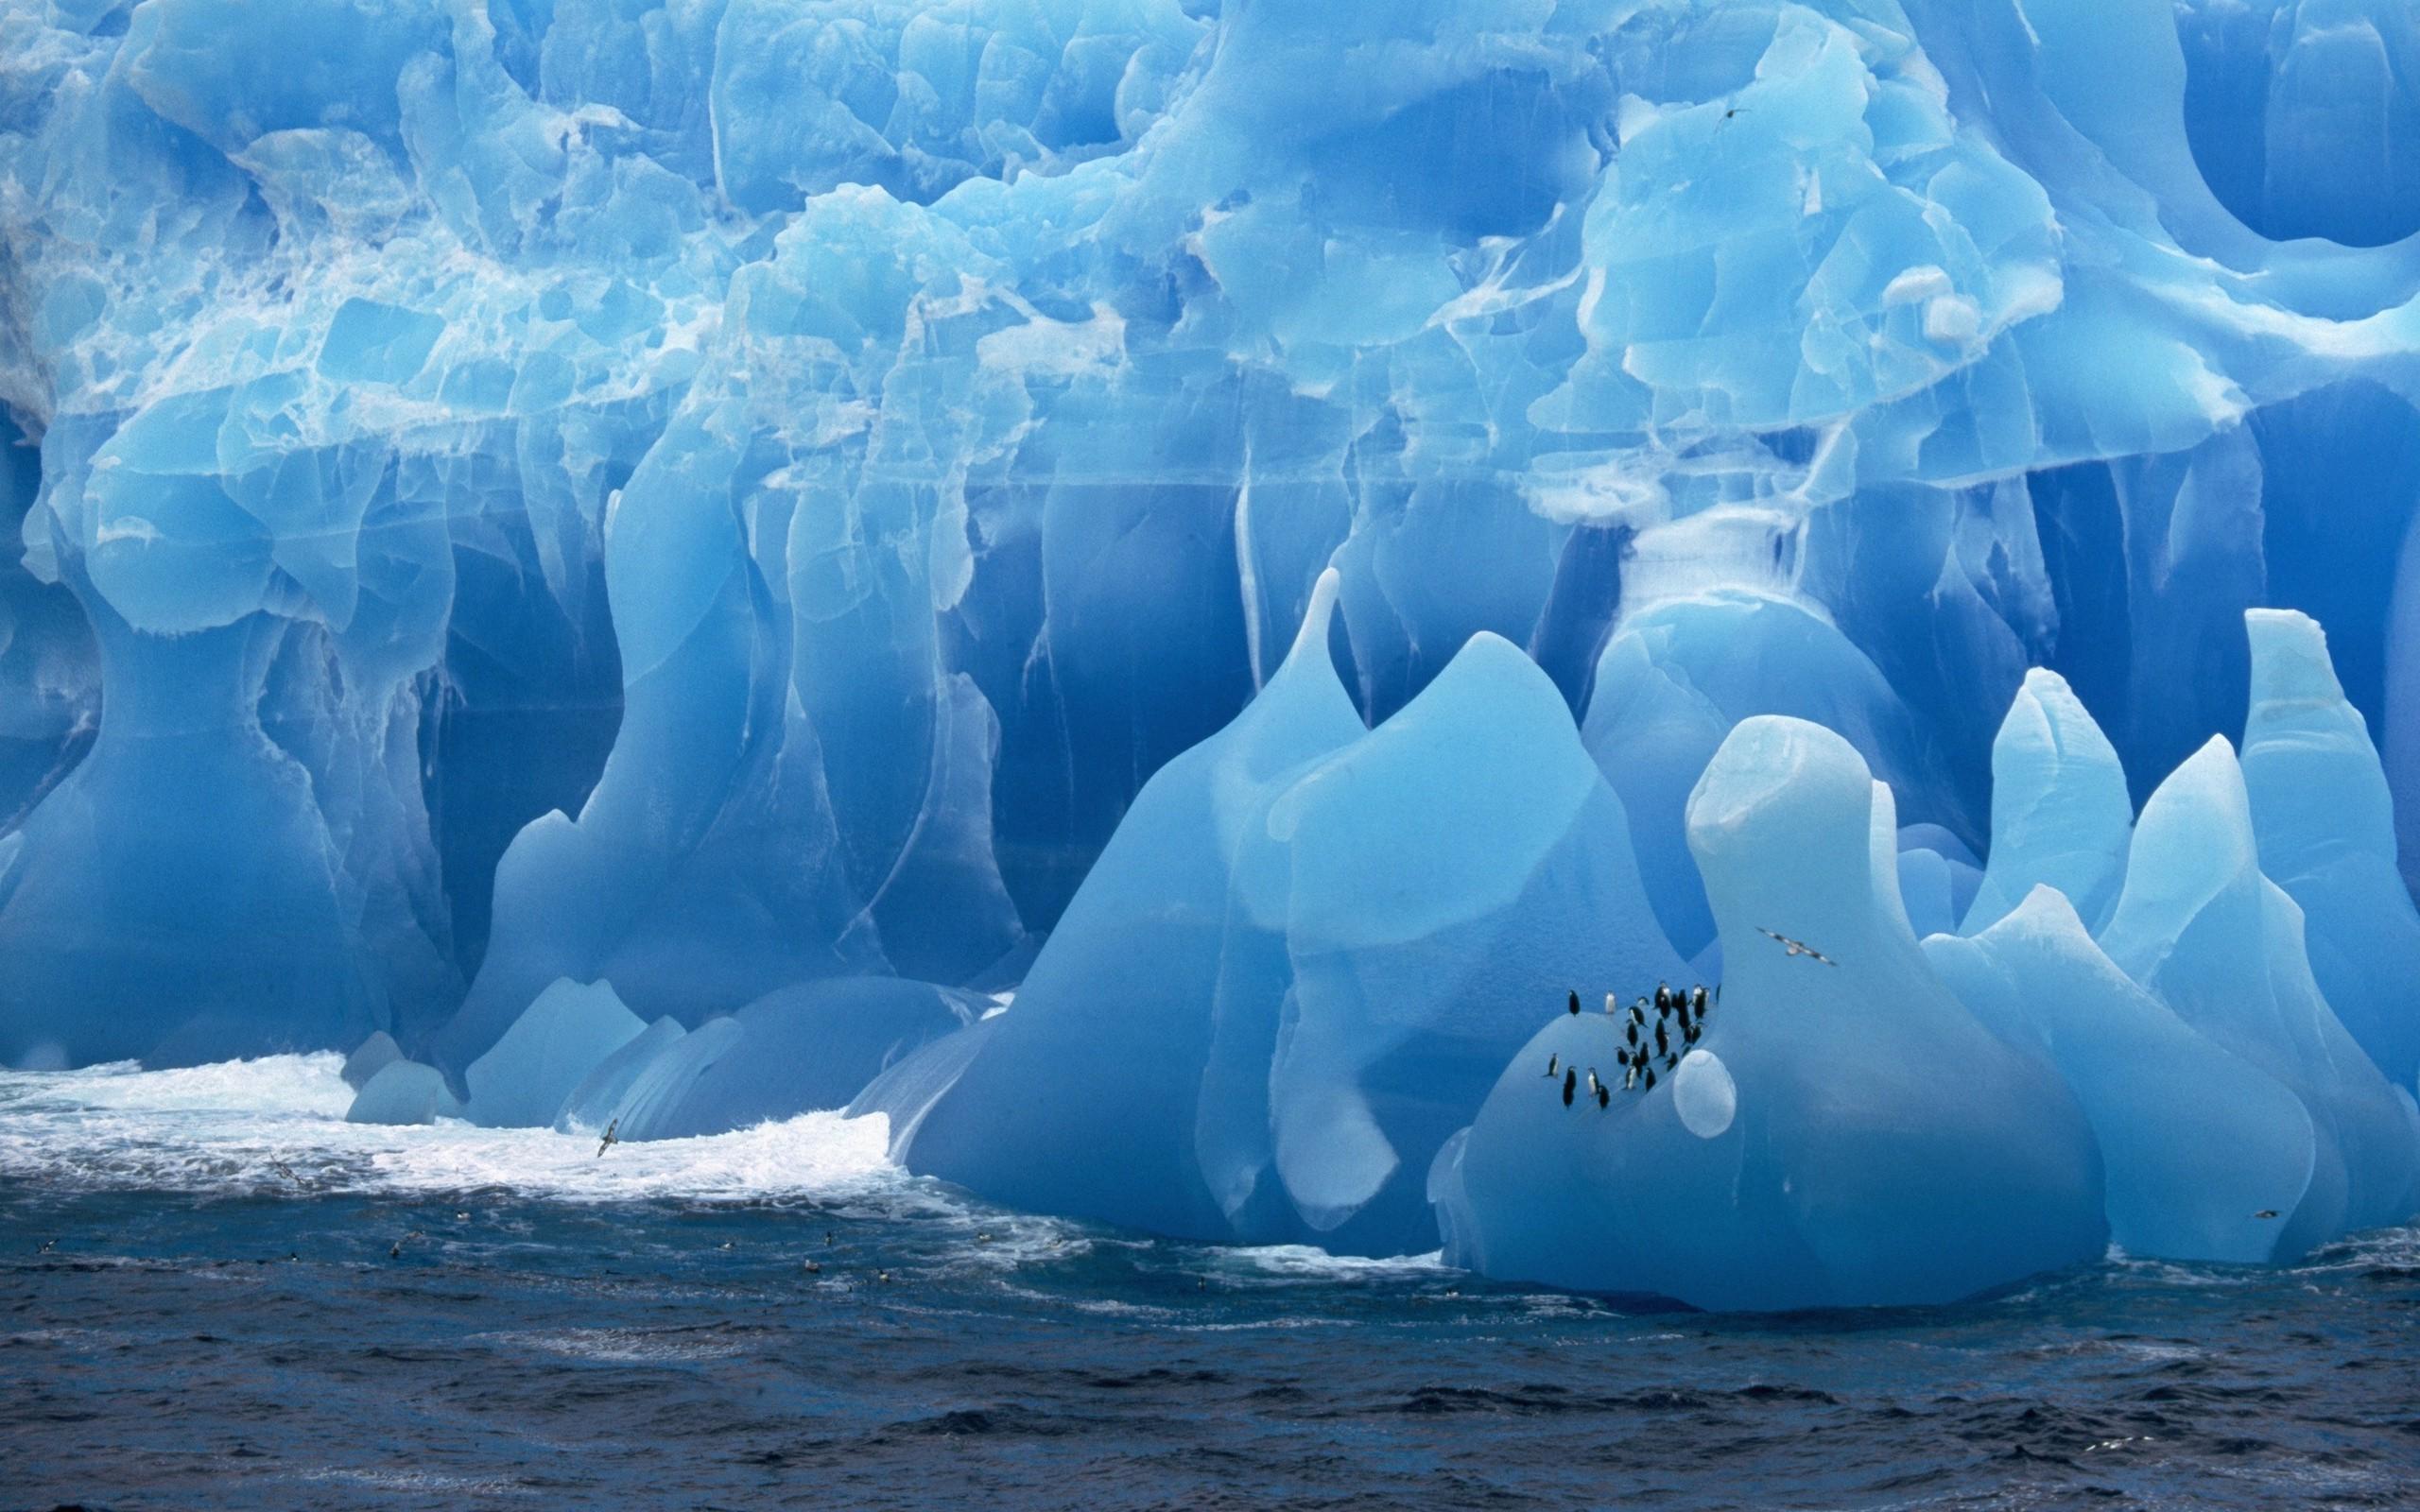 если картинка с надписью антарктида или иначе